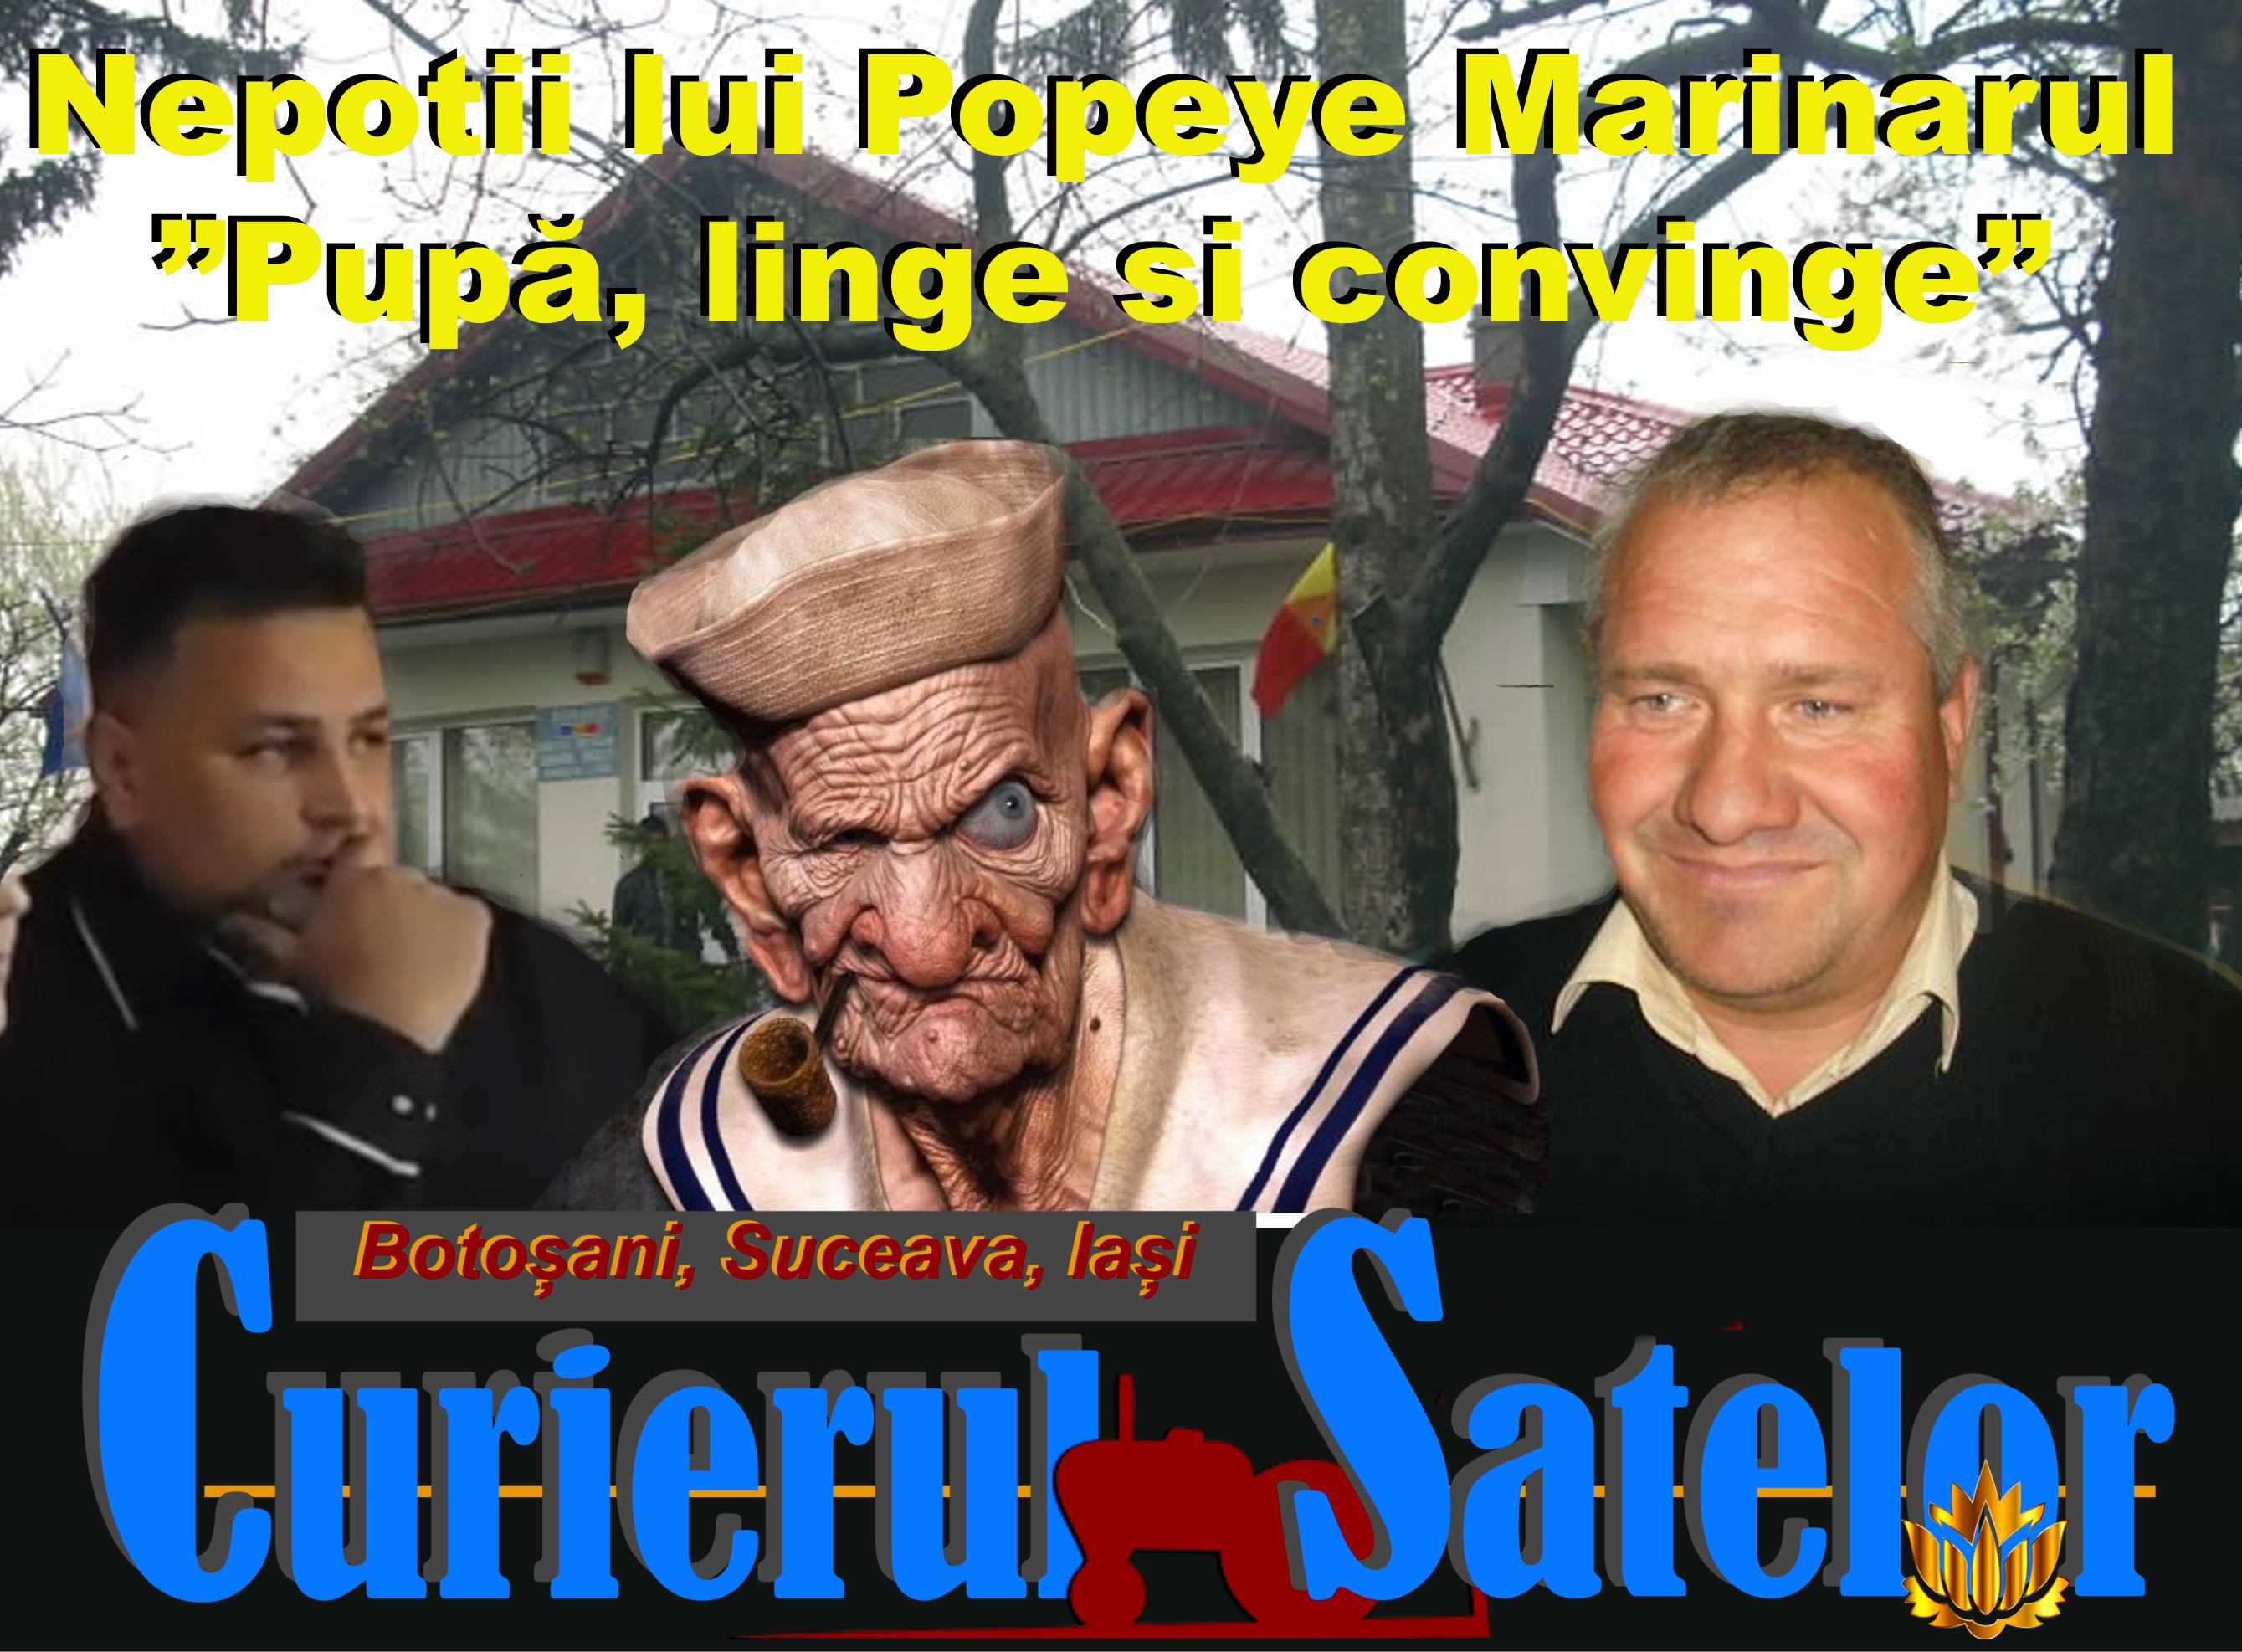 Mărturiile unui pesedist. Nepoții lui Popeye Marinarul trăiesc la Brăești, consumă rahat în loc de spanac, pupă, ling și conving 22